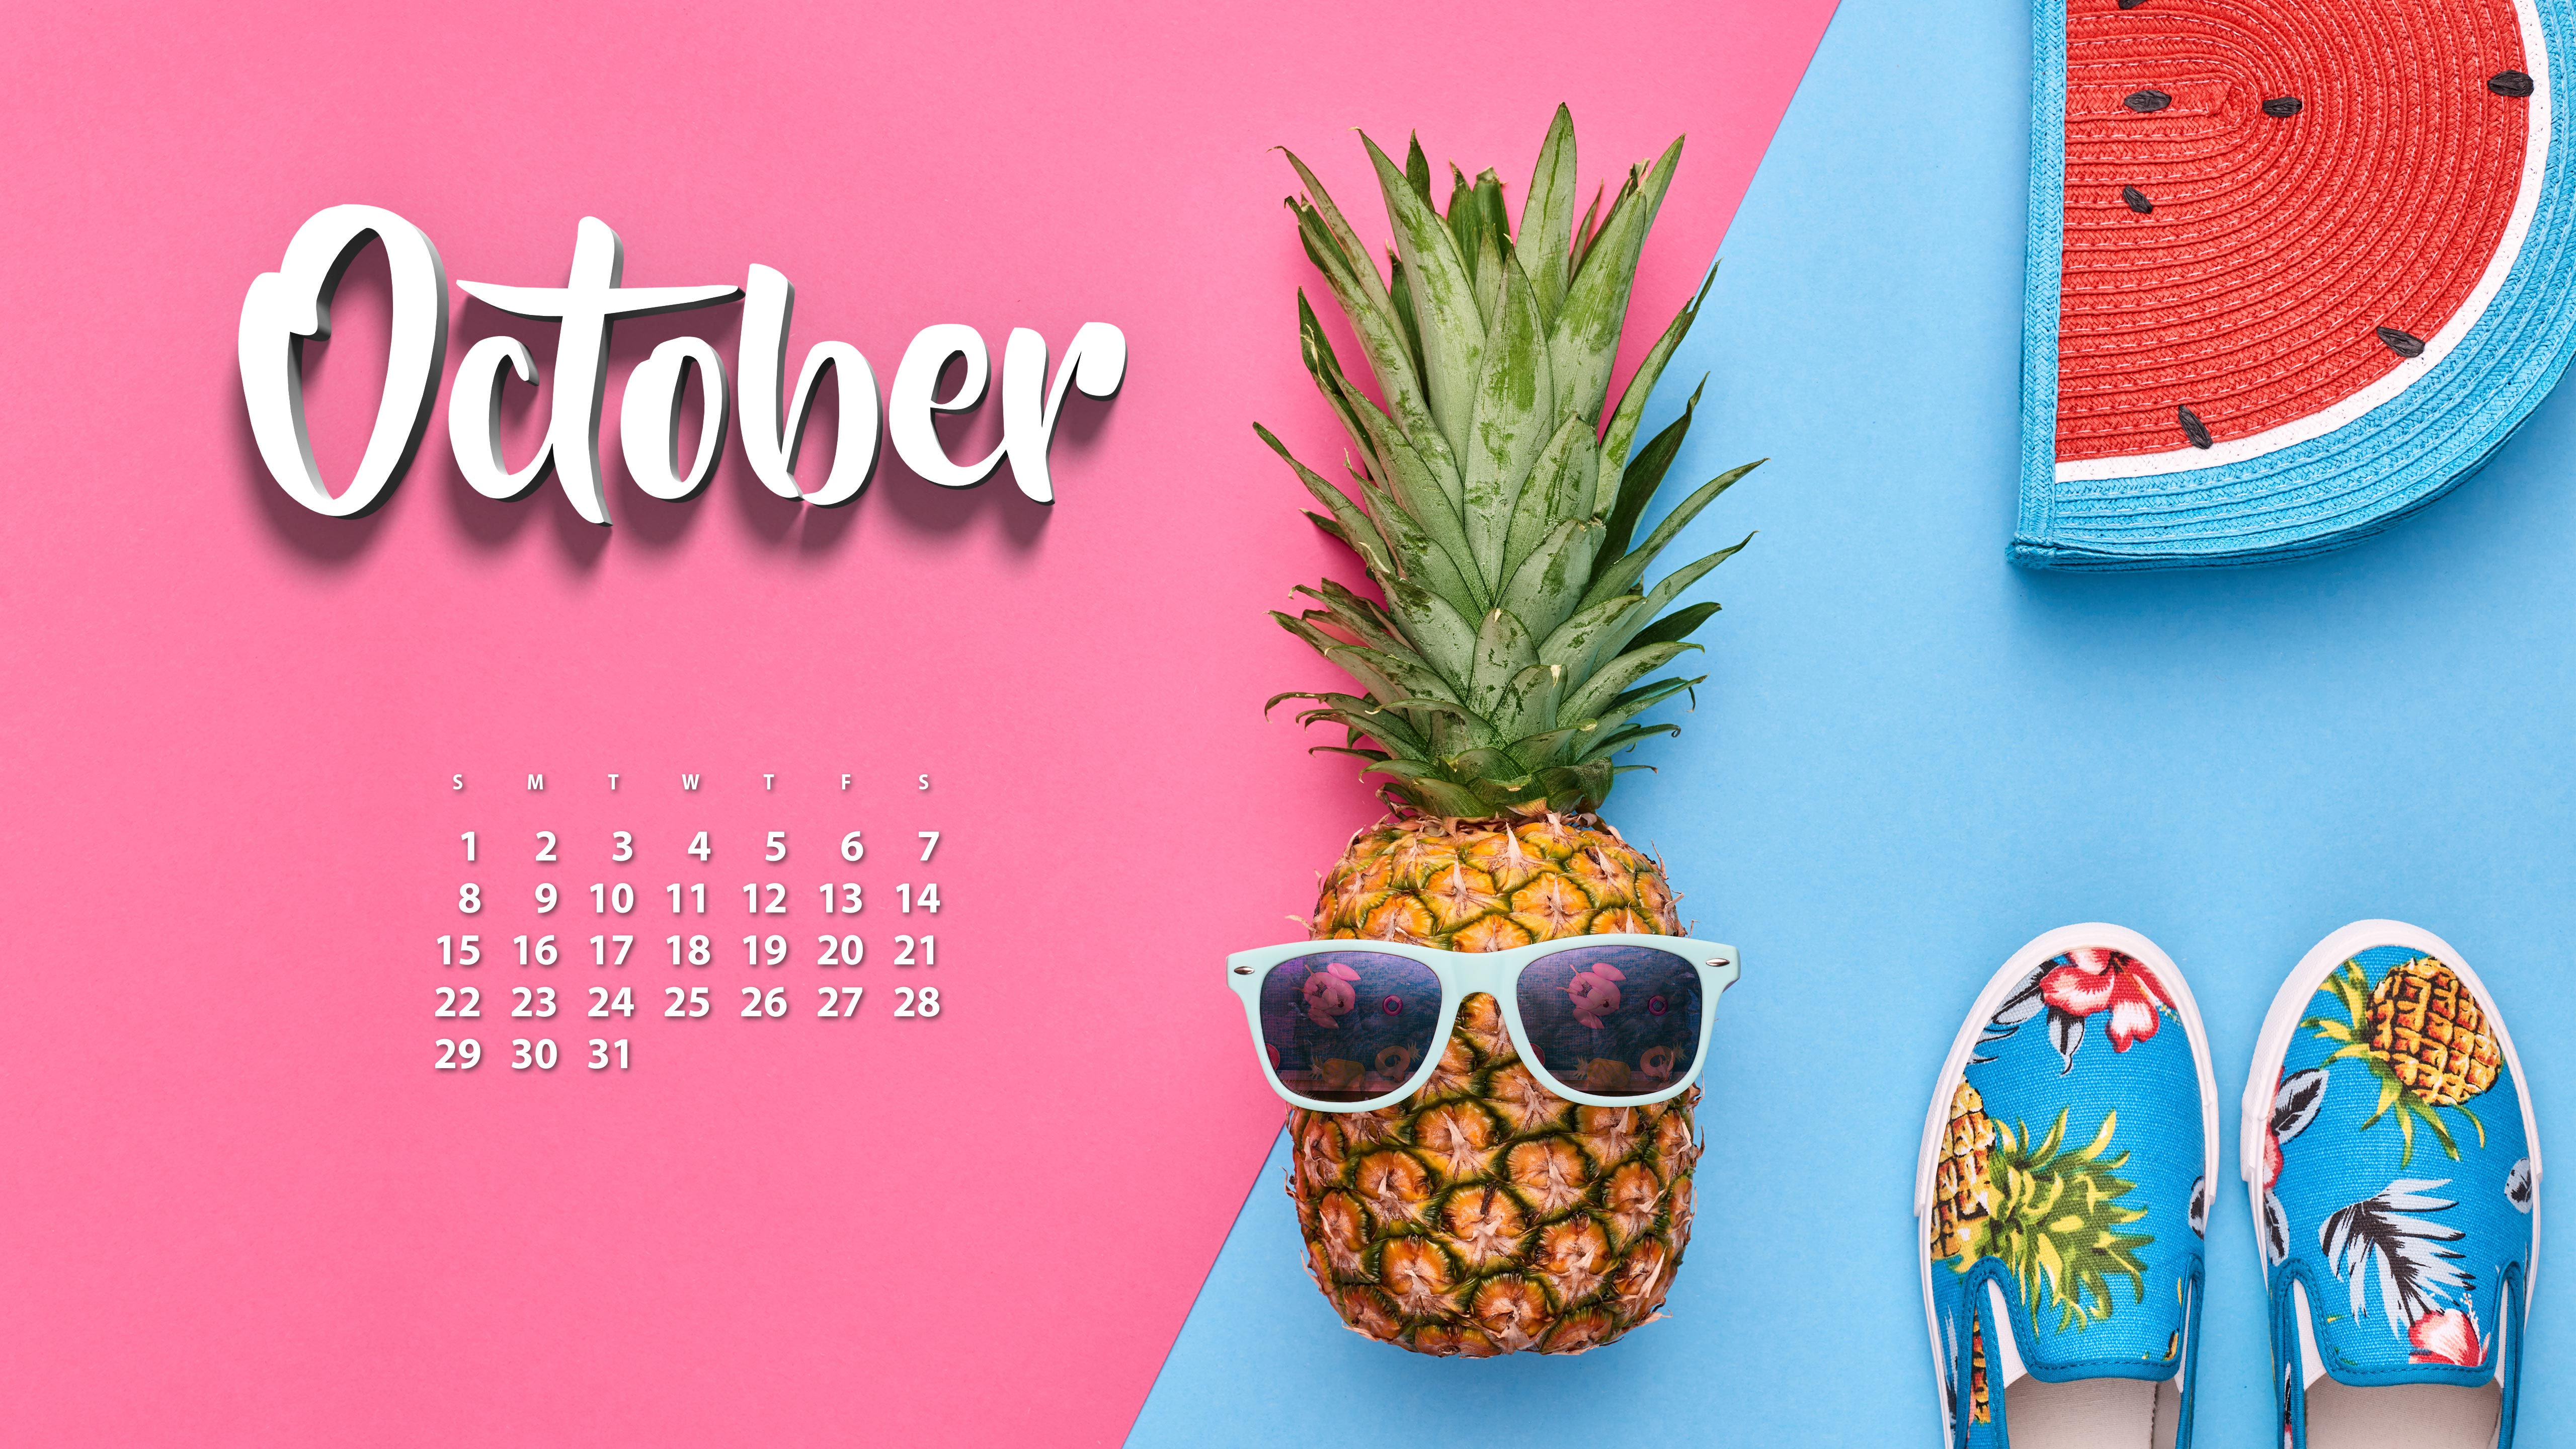 Flicker Leap October 2017 Wallpaper